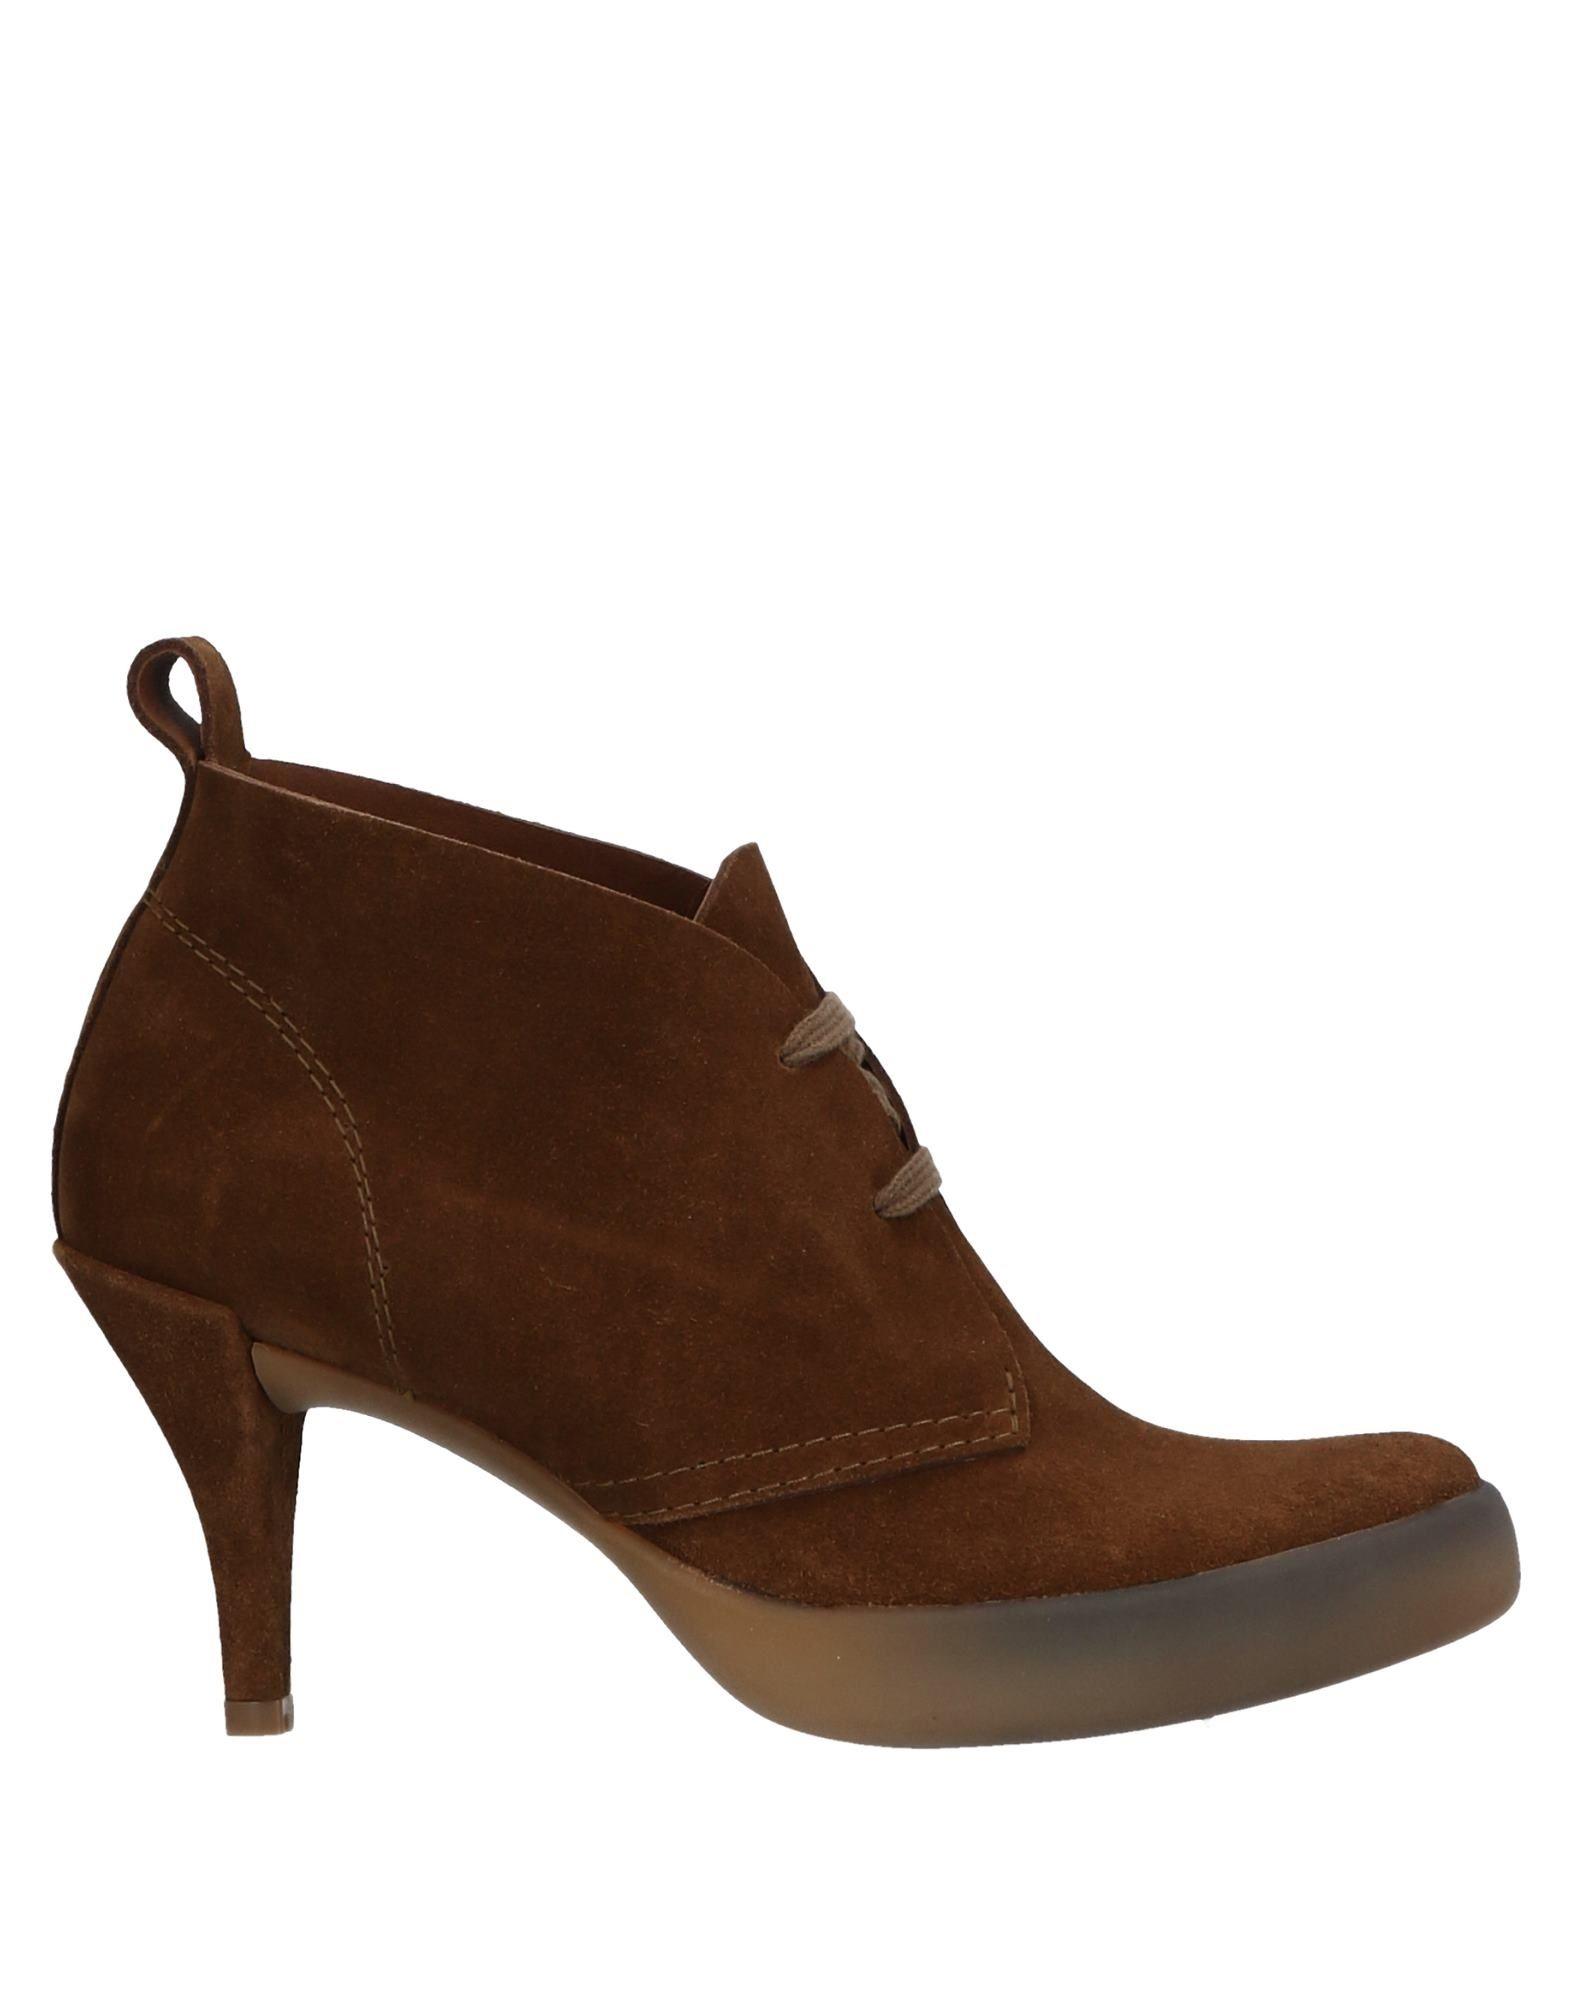 Sneakers 8 Uomo - 11406931EL Scarpe economiche e buone